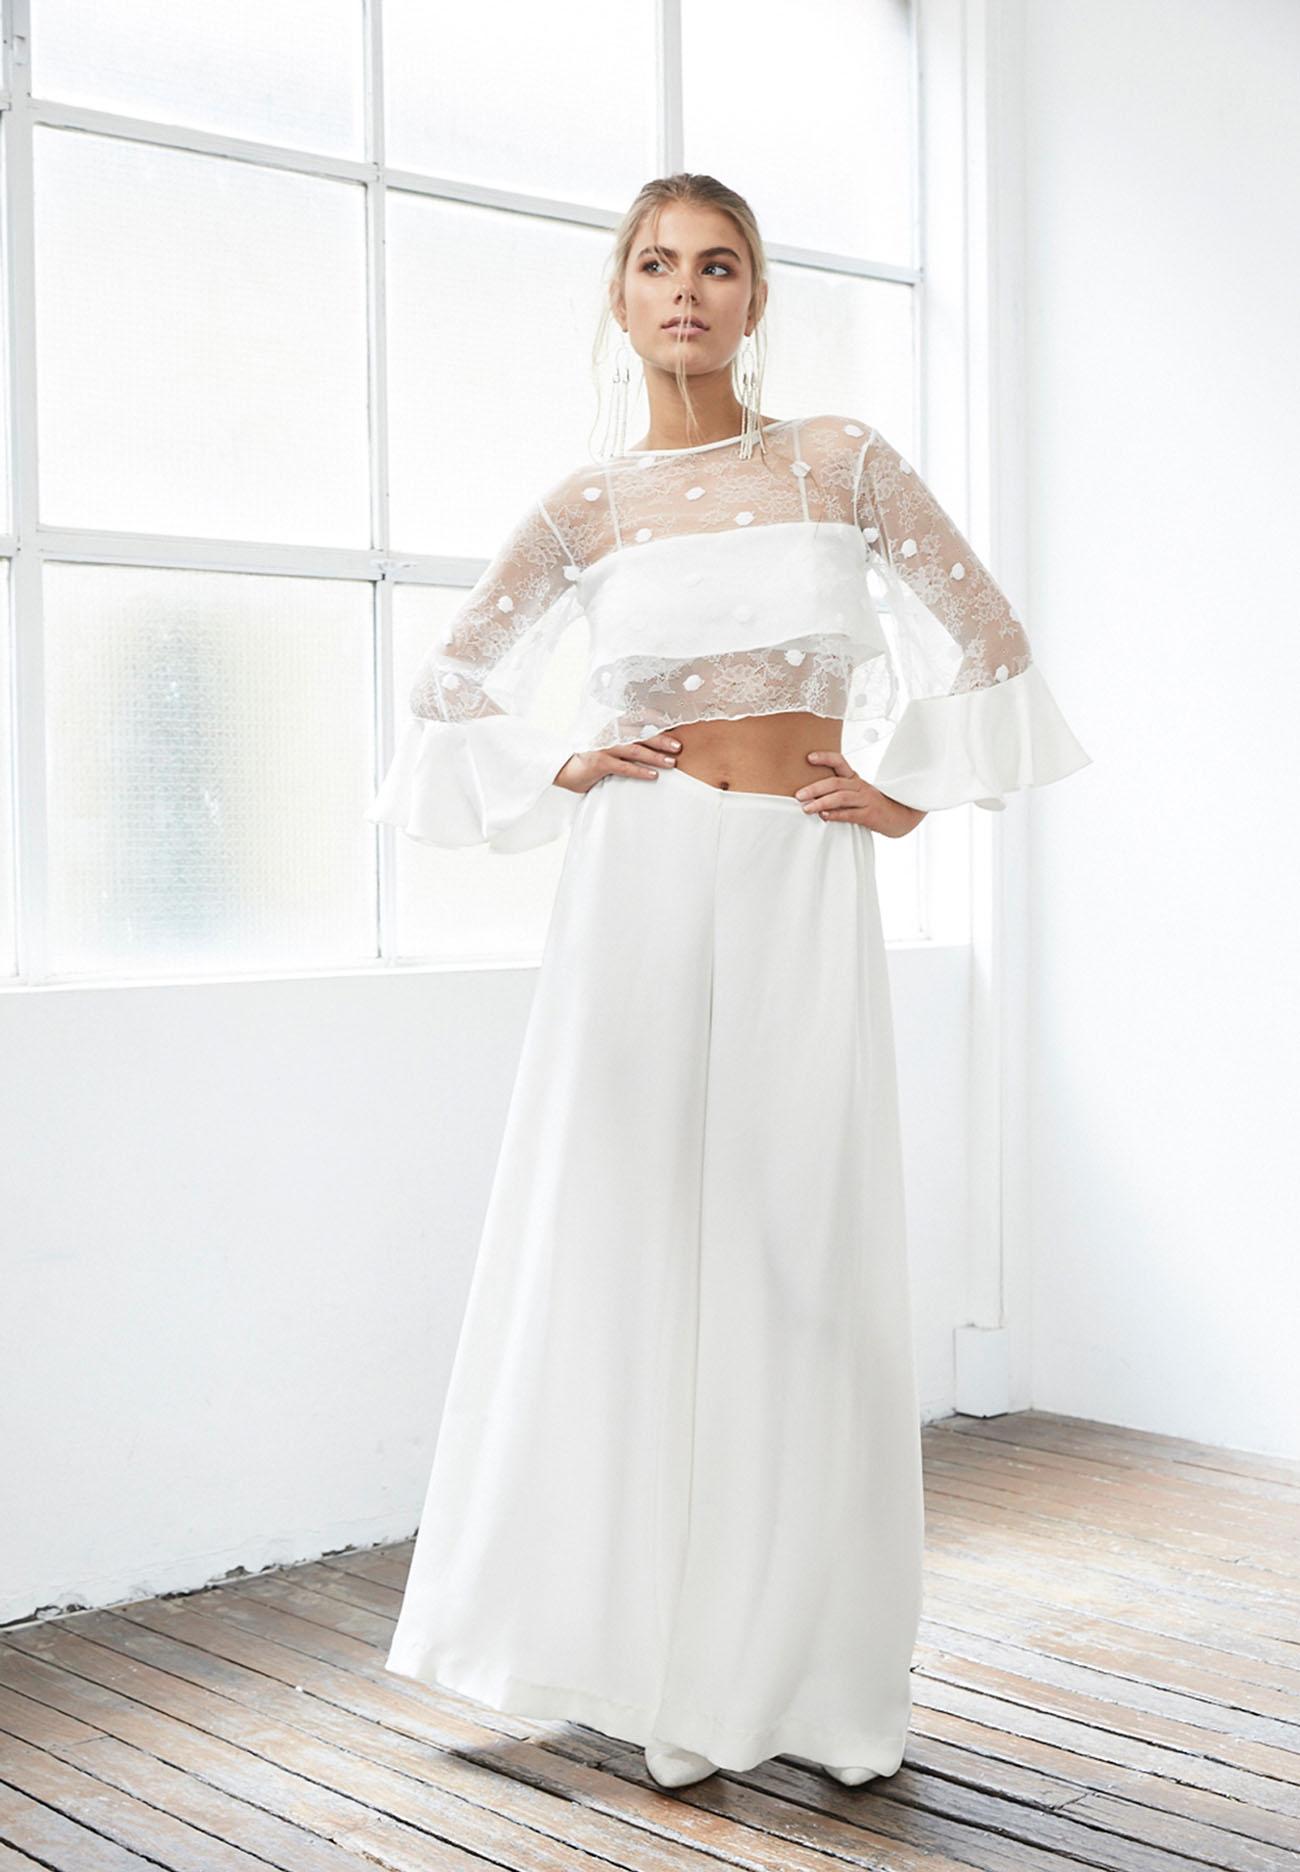 Los Angeles Wedding Dress Shops 20 Luxury Grace Loves Lace